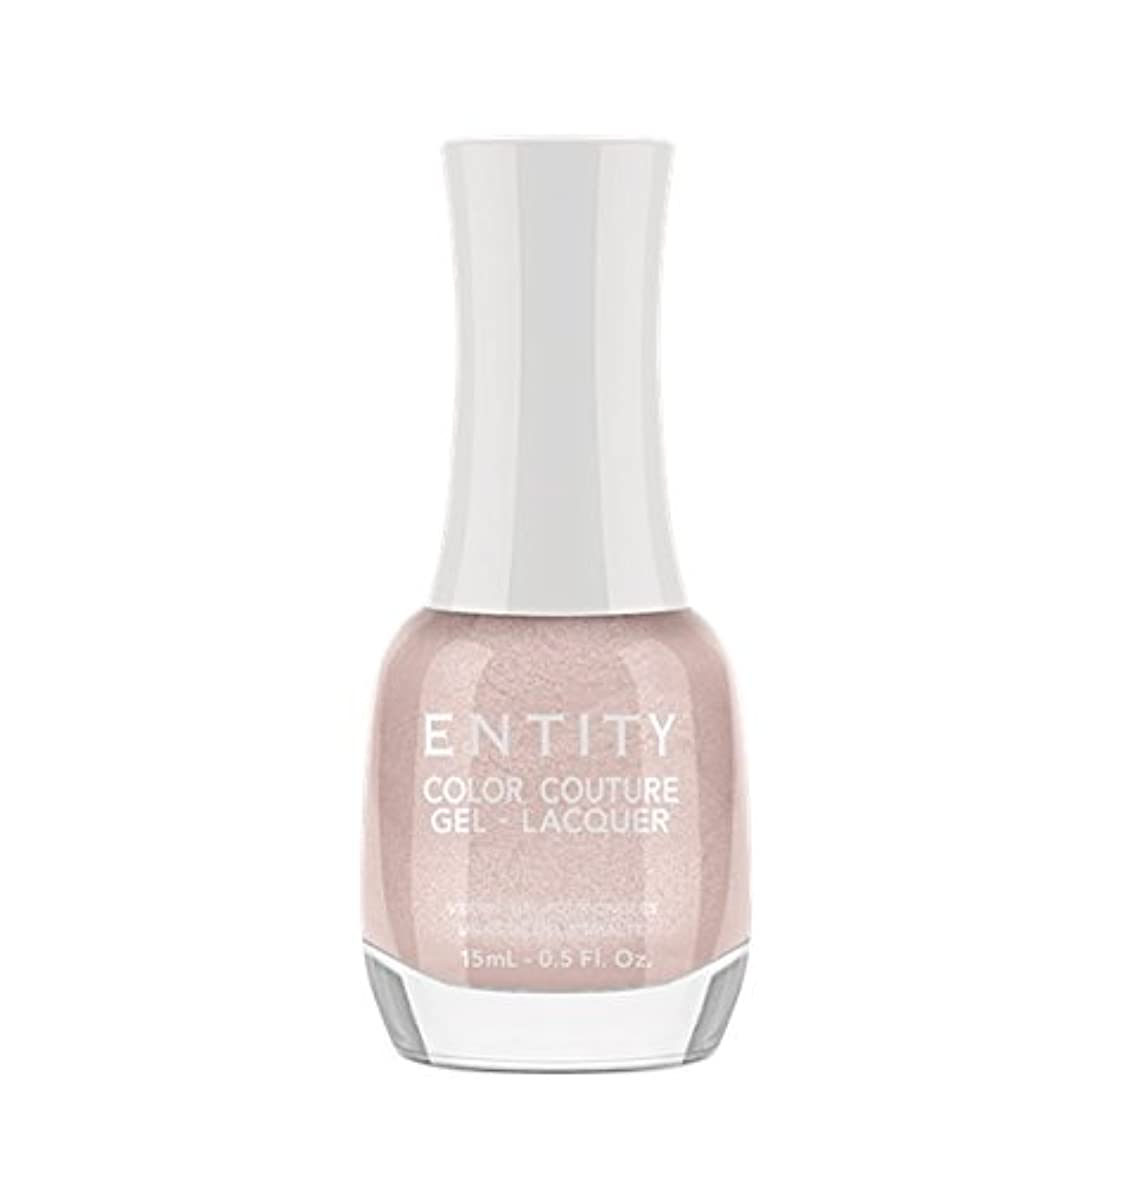 上院議員シネマそばにEntity Color Couture Gel-Lacquer - Finishing Touch - 15 ml/0.5 oz